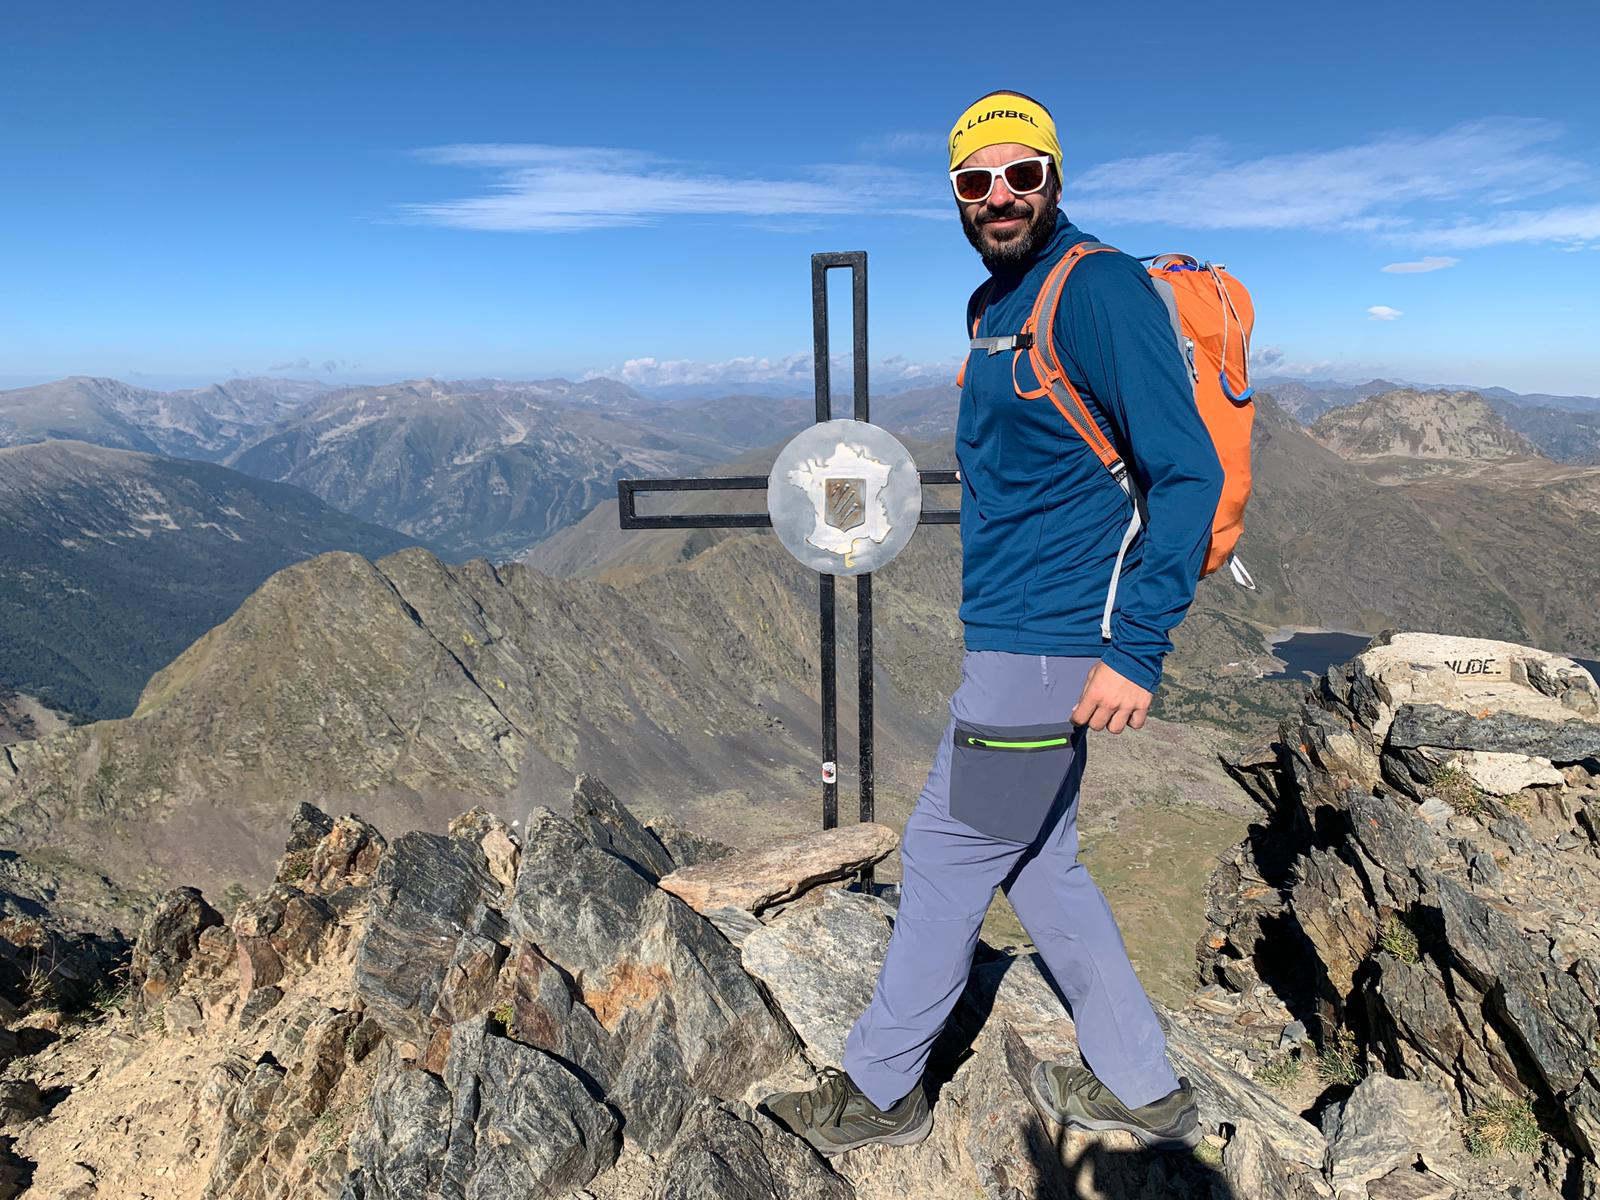 Ascenso al Carlit en el día. Montaña sagrada de la Cerdaña